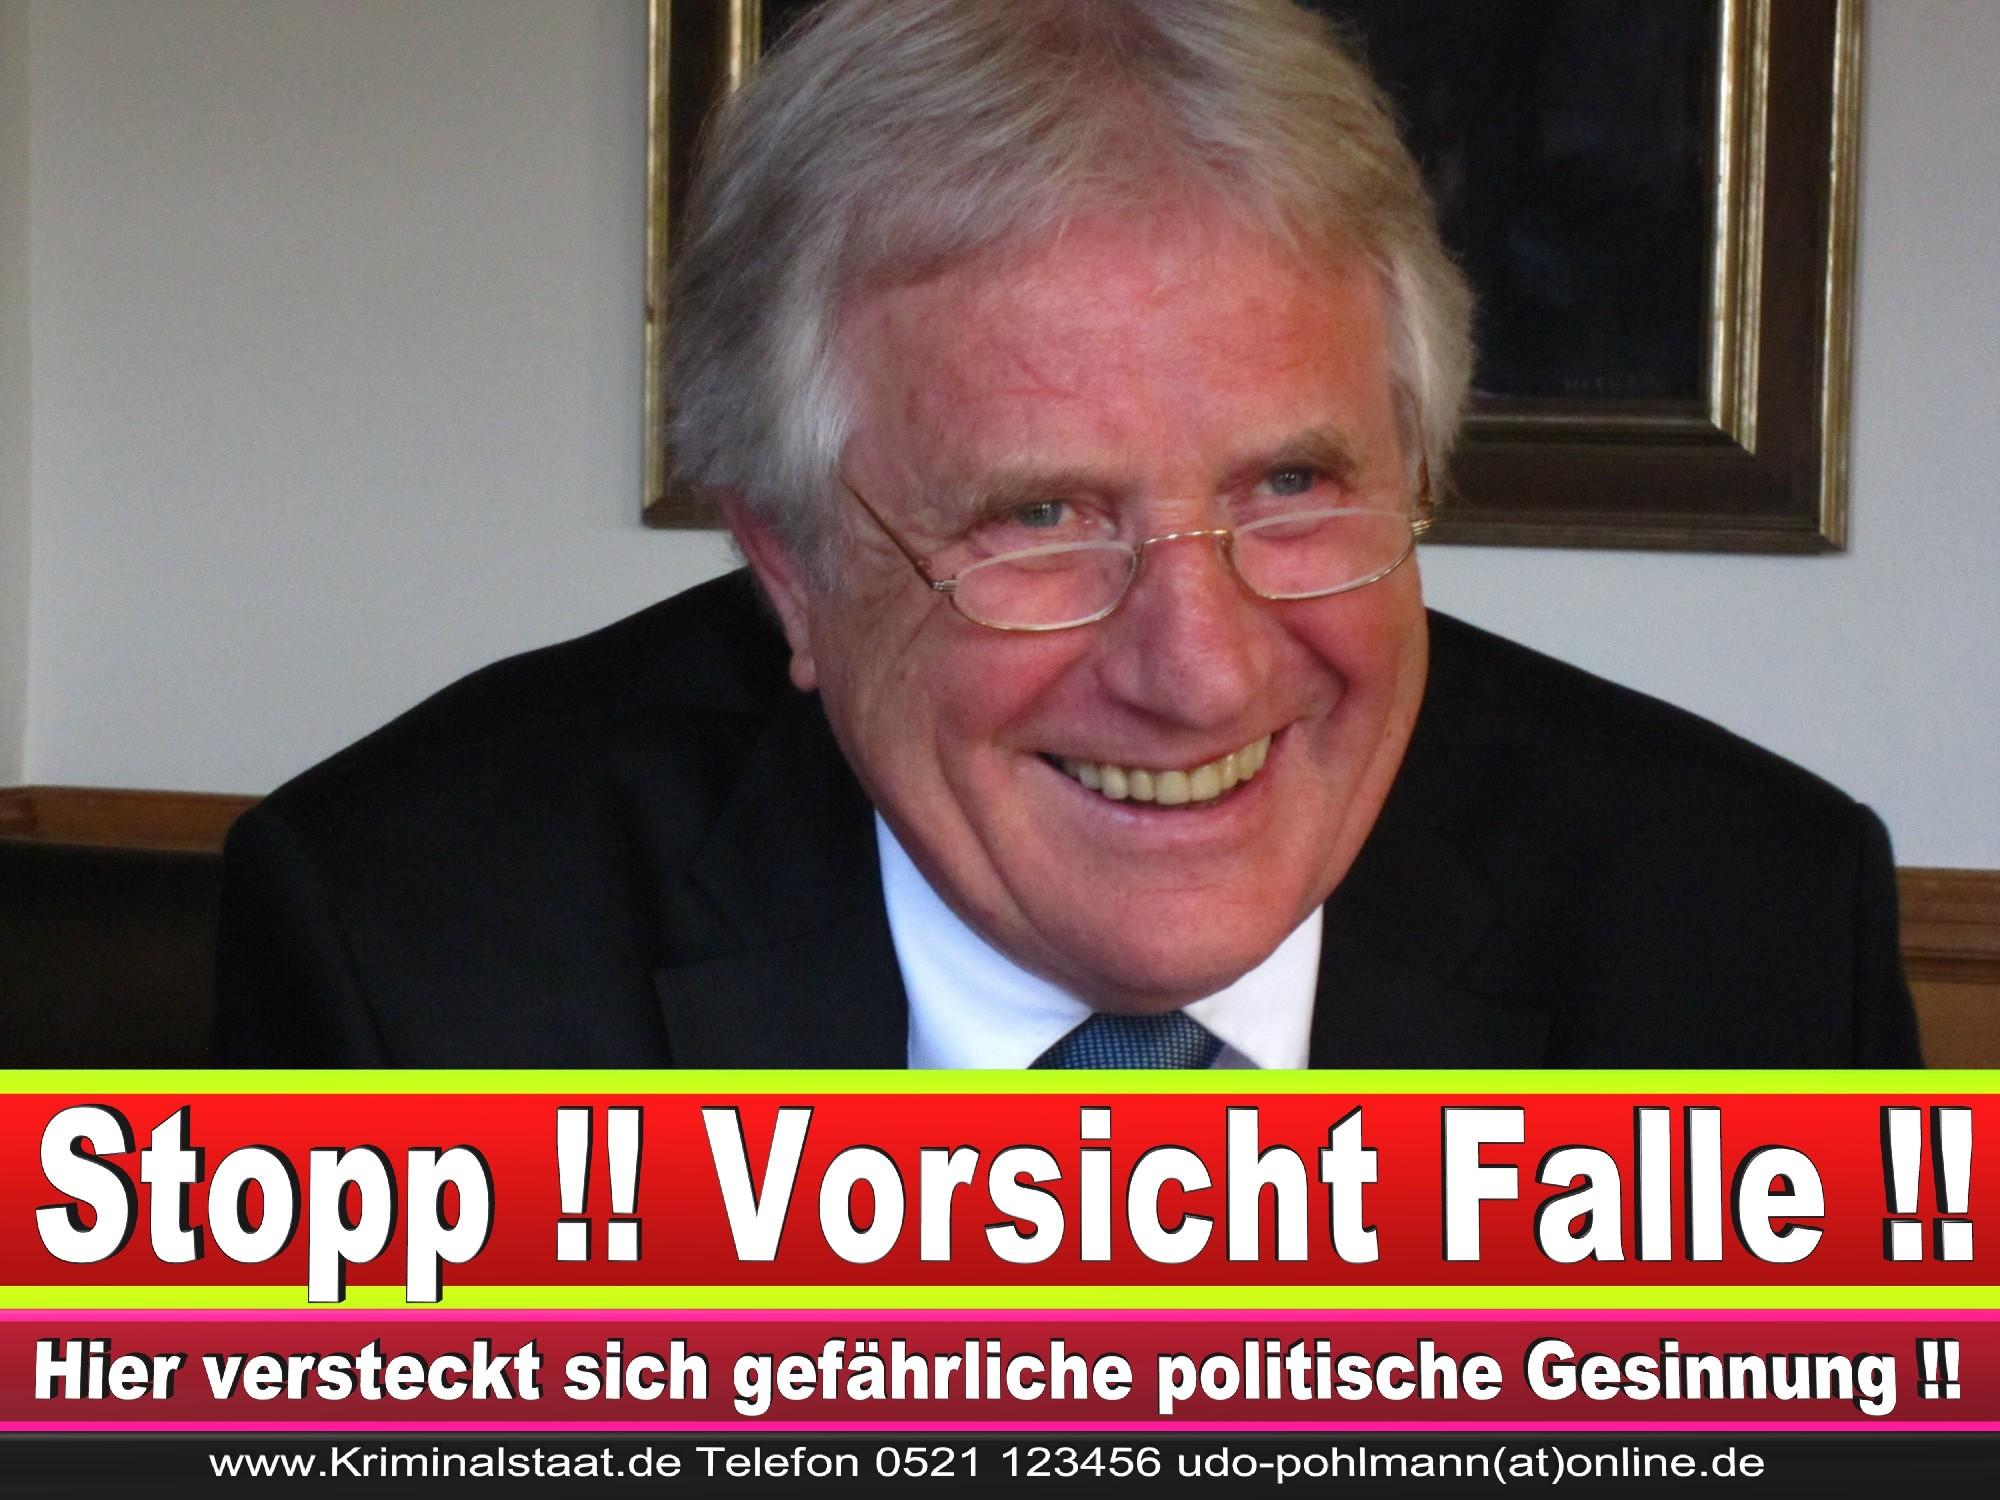 Polizeipräsident Erwin Südfeld Bielefeld Oberbürgermeister Bürgermeister Peter Clausen Pit Clausen Bielefeld 58